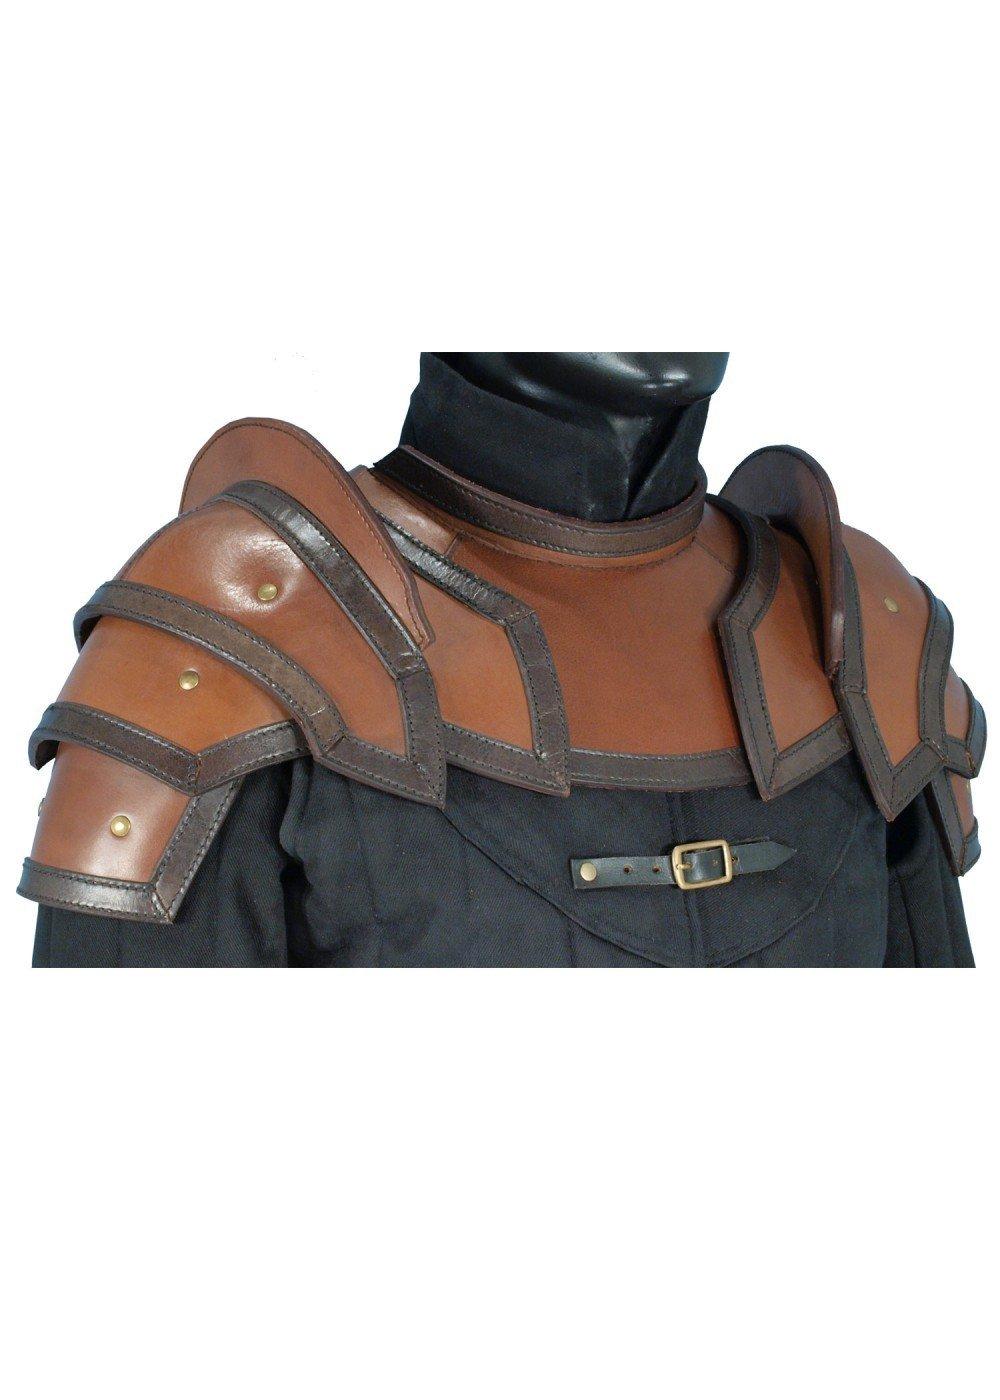 Schulterplatten u. Kragen aus Leder LARP Schwarz/Braun oder Braun/Schwarz Gr. M oder L Lederrüstung Mittelalter Wikinger